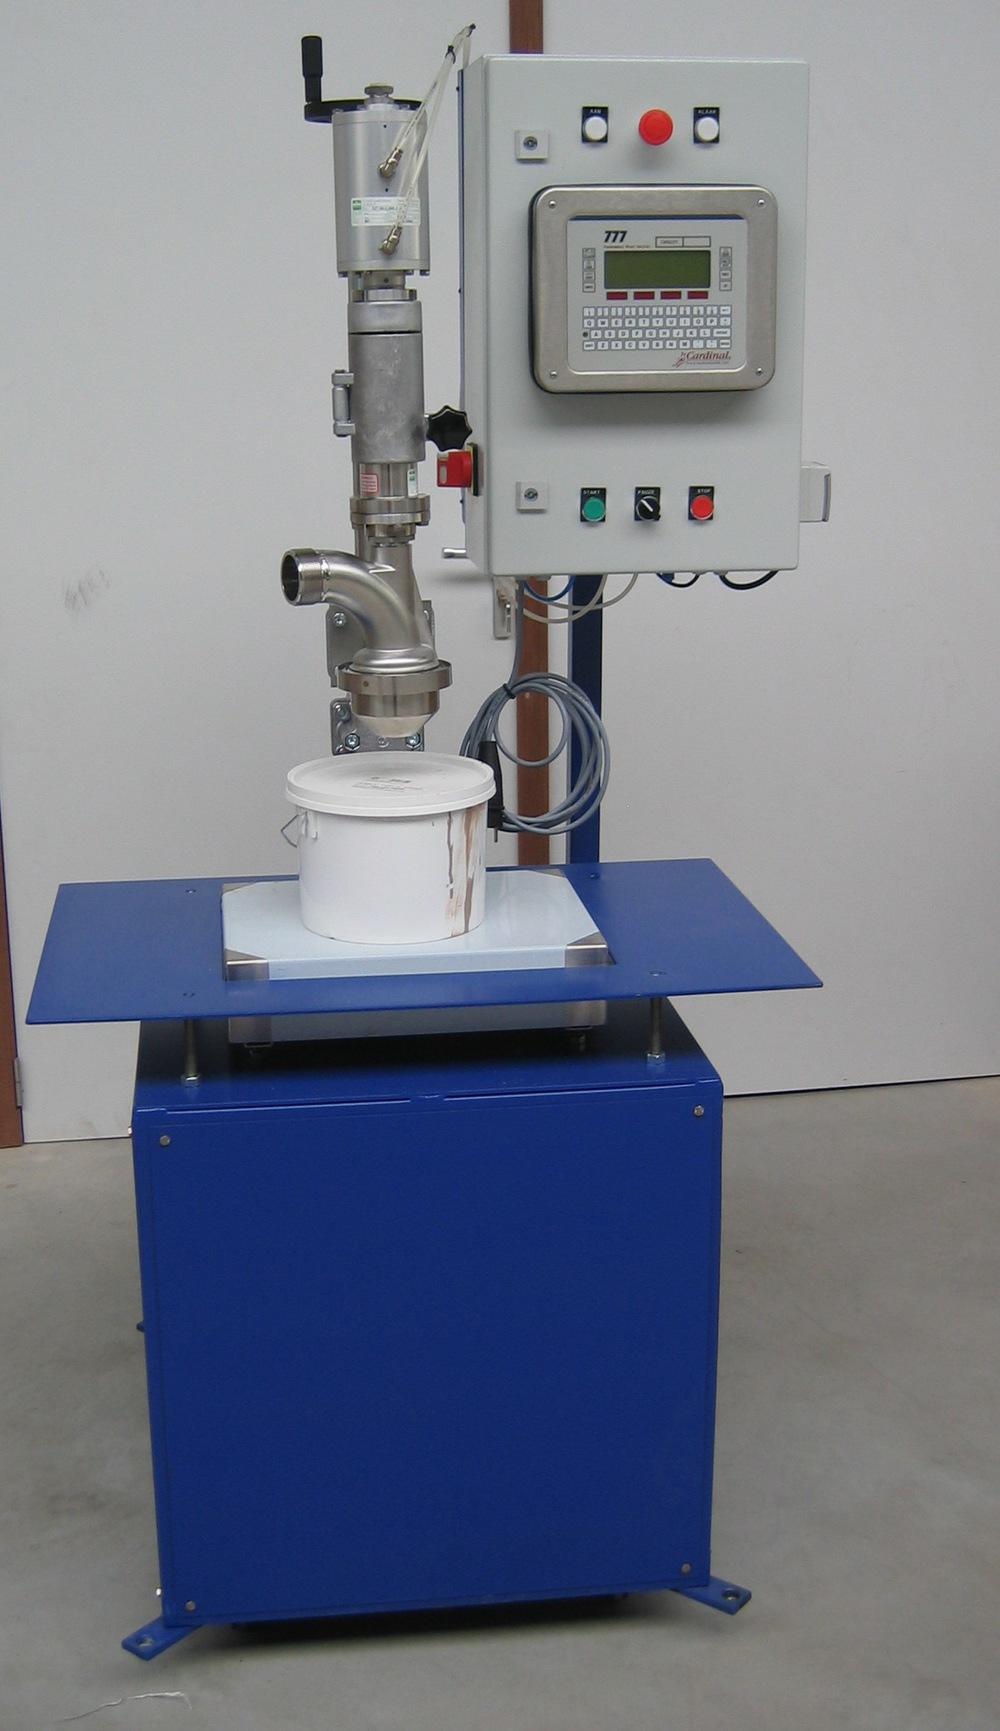 Semi-automated mobile filler for liquids, e.g. paint, glue, sauces, ...